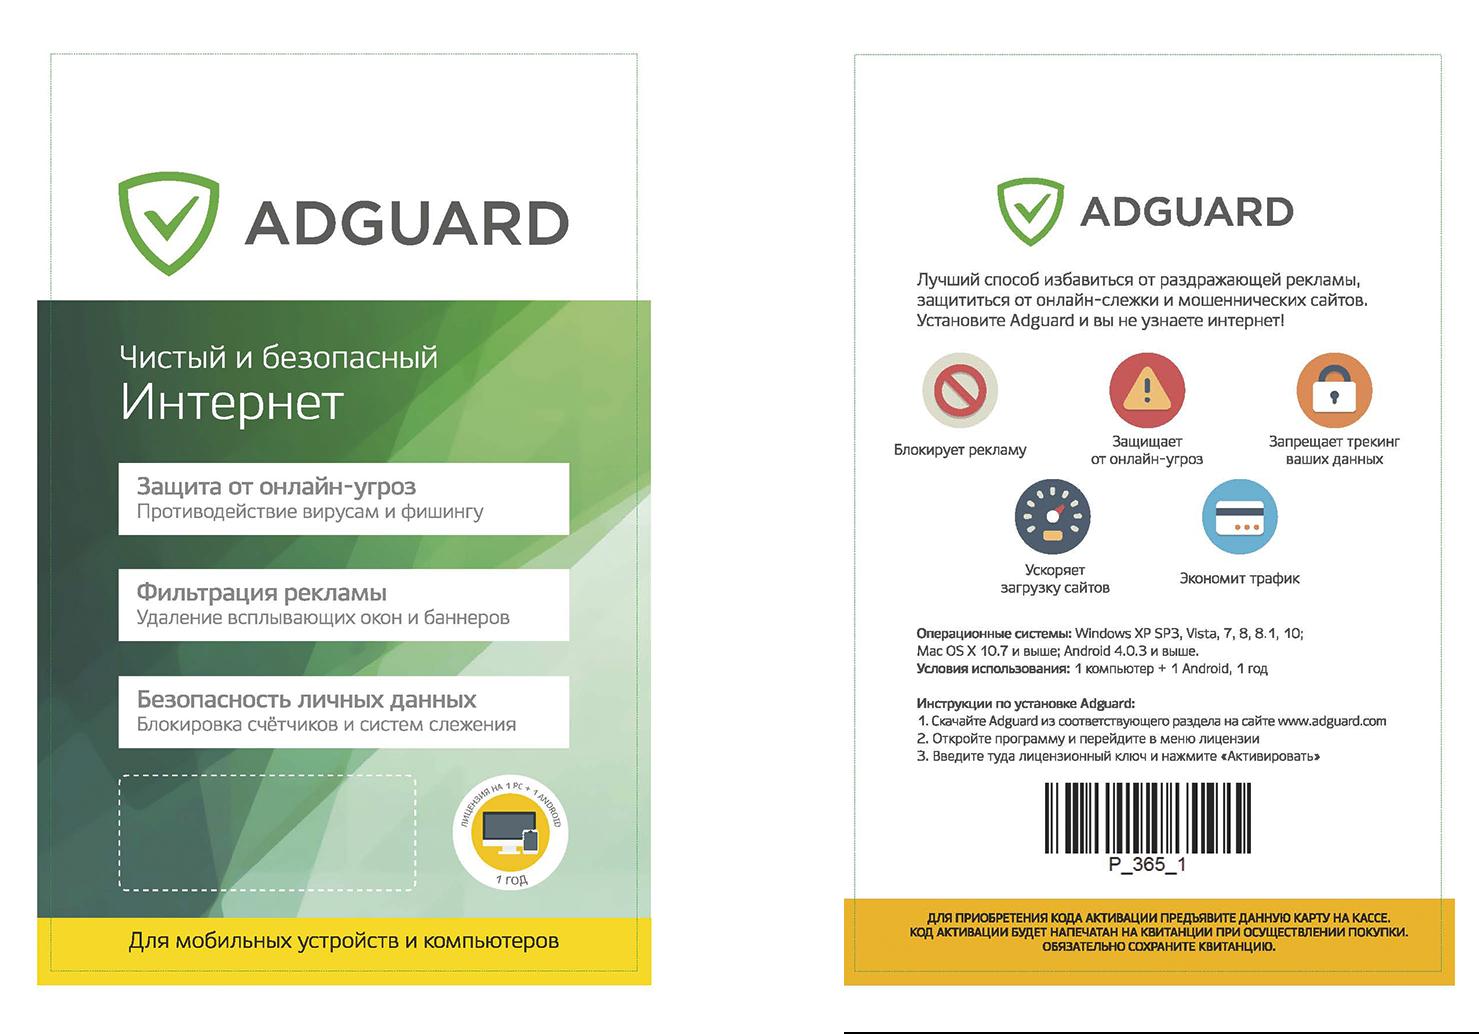 Карточка Adguard